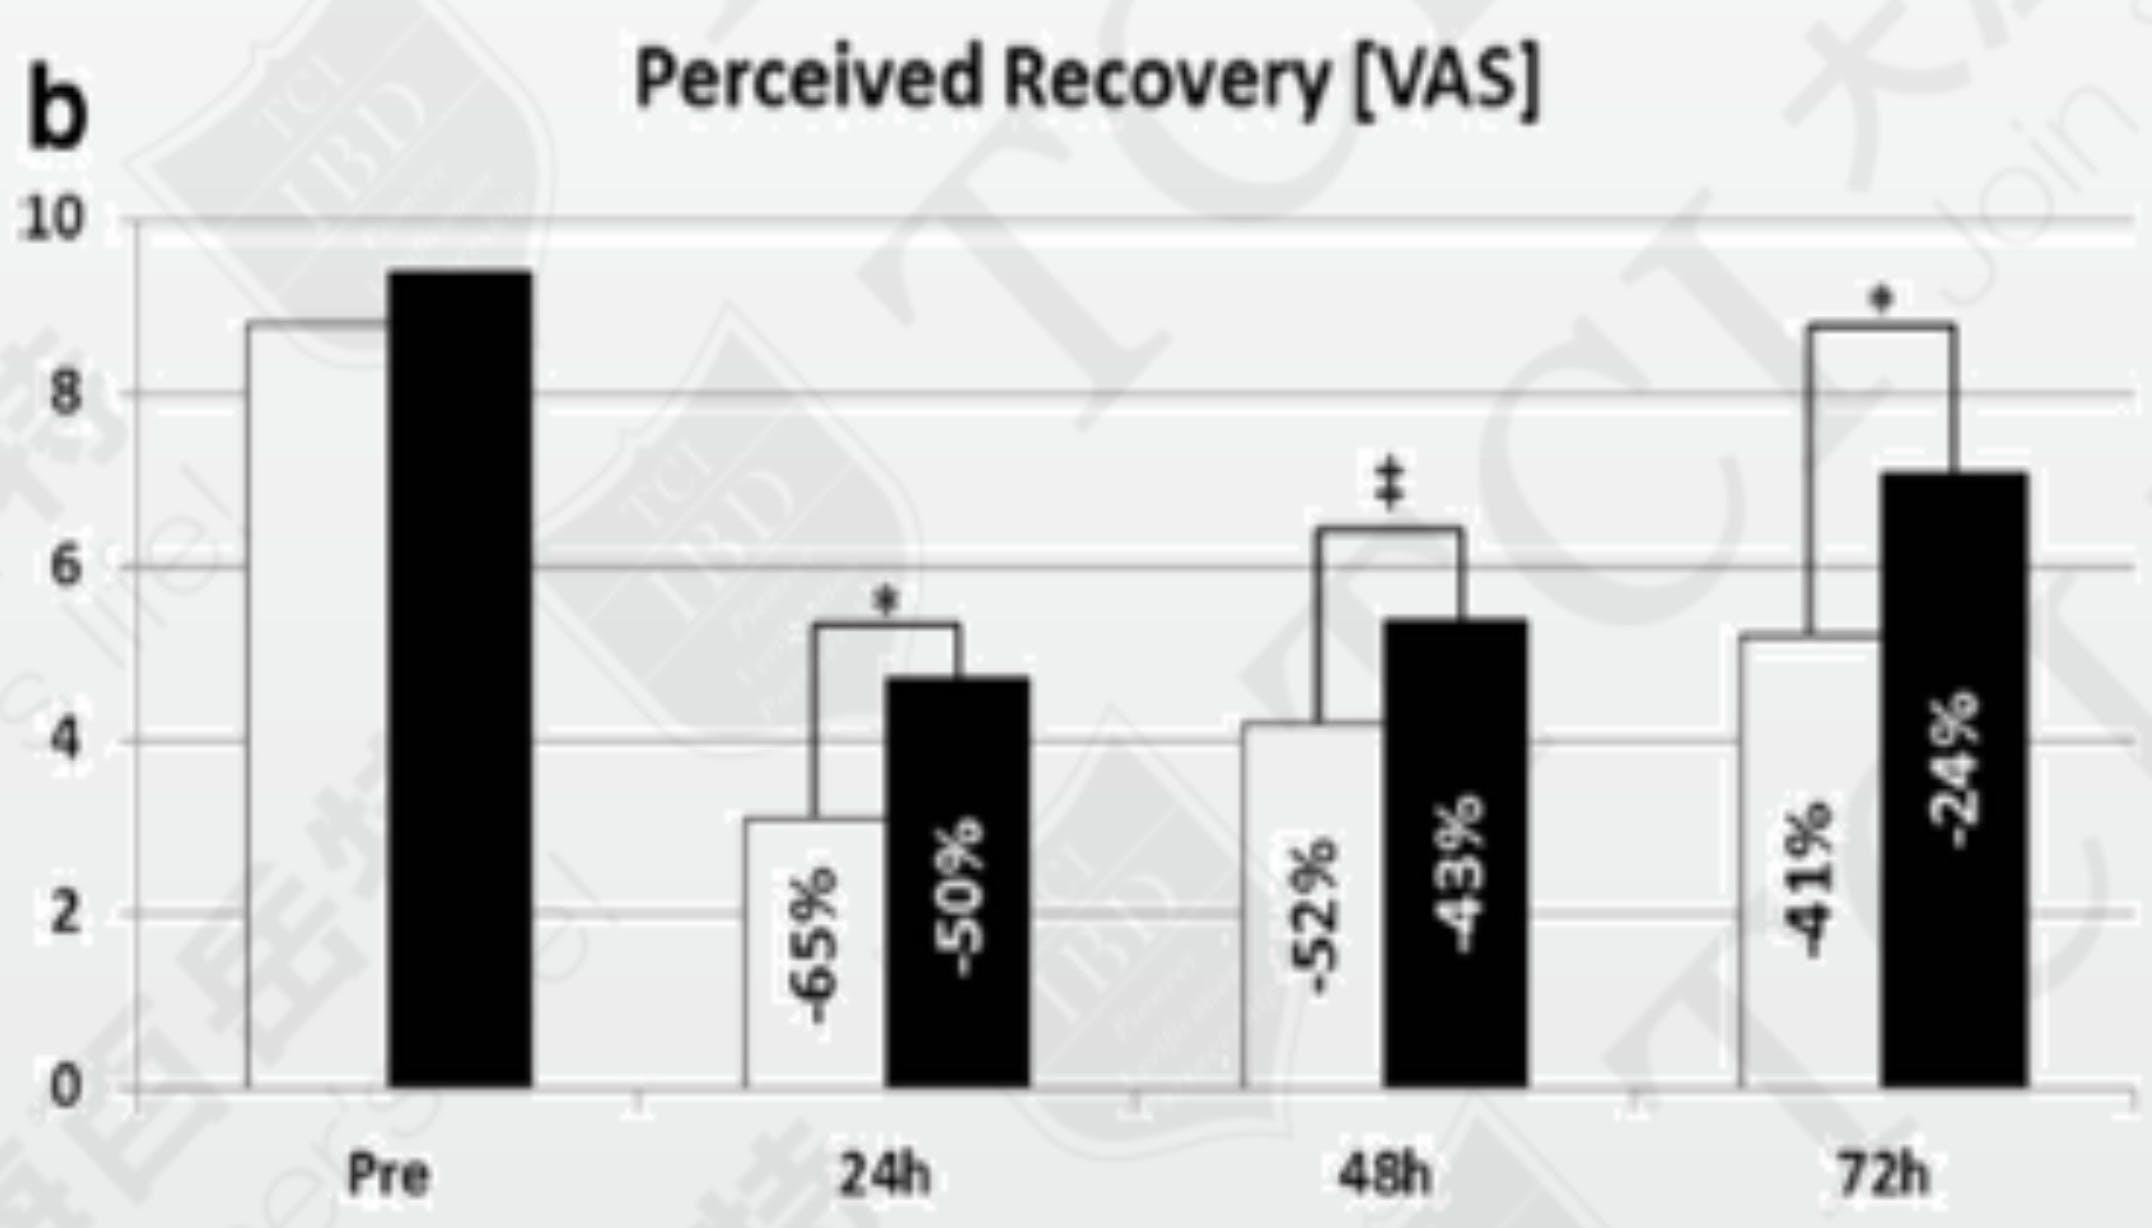 益生菌能够提升肌肉回复速度 资料来源: Ralf Jäger et al. 2018 Dec